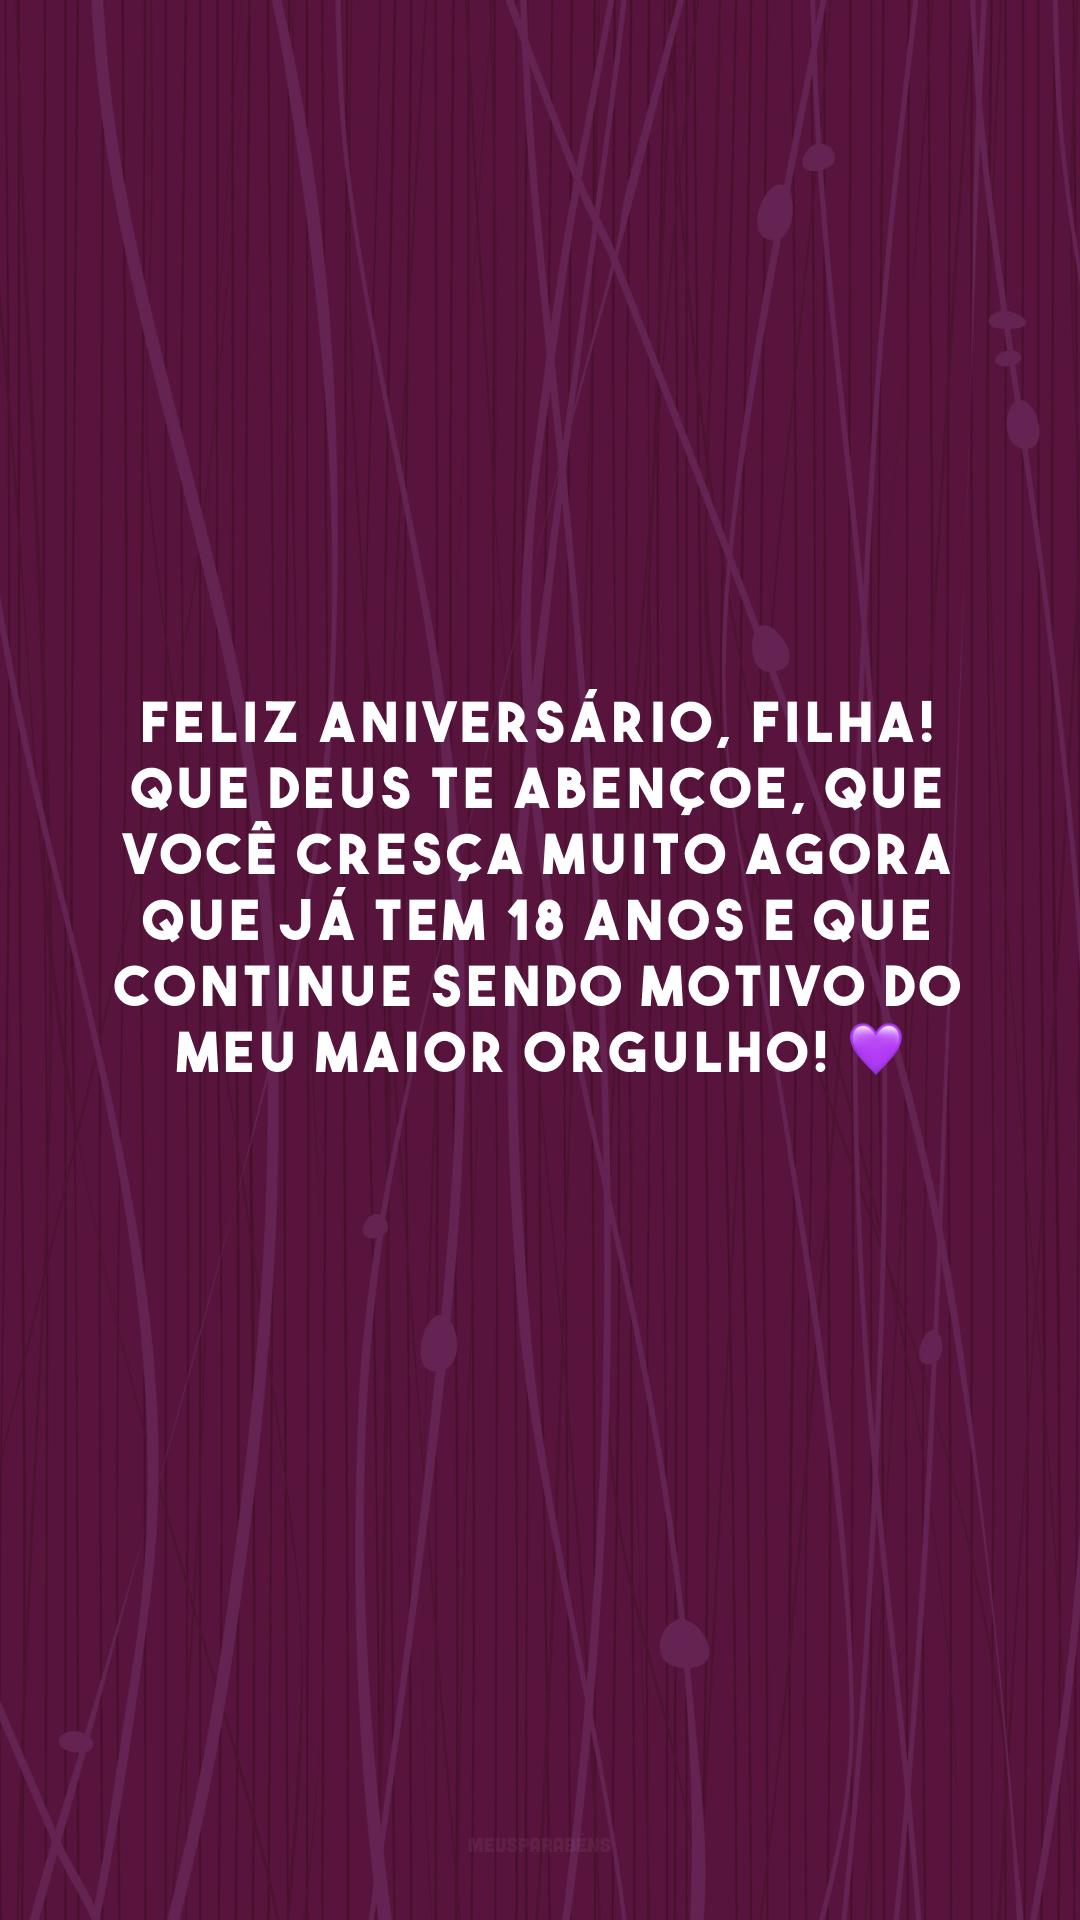 Feliz aniversário, filha! Que Deus te abençoe, que você cresça muito agora que já tem 18 anos e que continue sendo motivo do meu maior orgulho! 💜